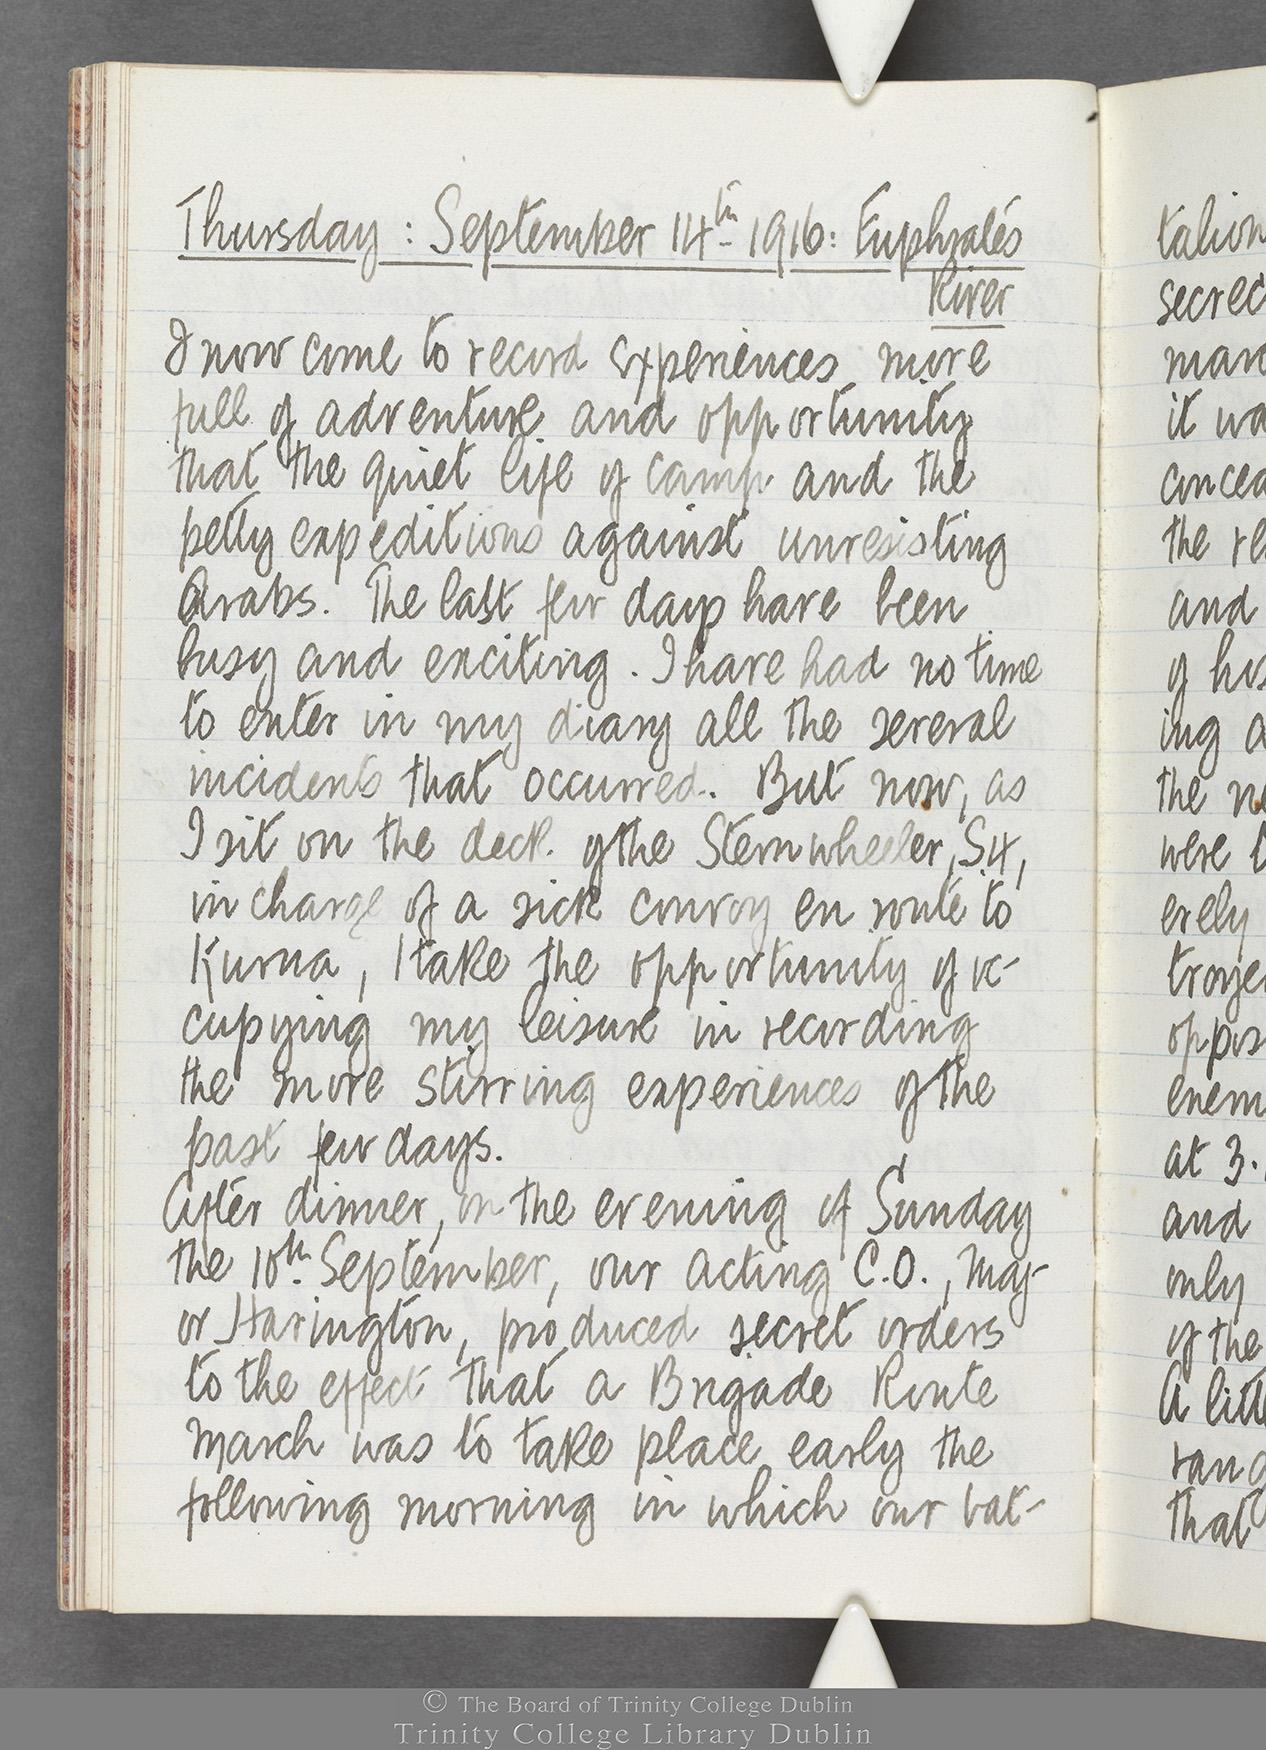 TCD MS 10516 folio 24 verso